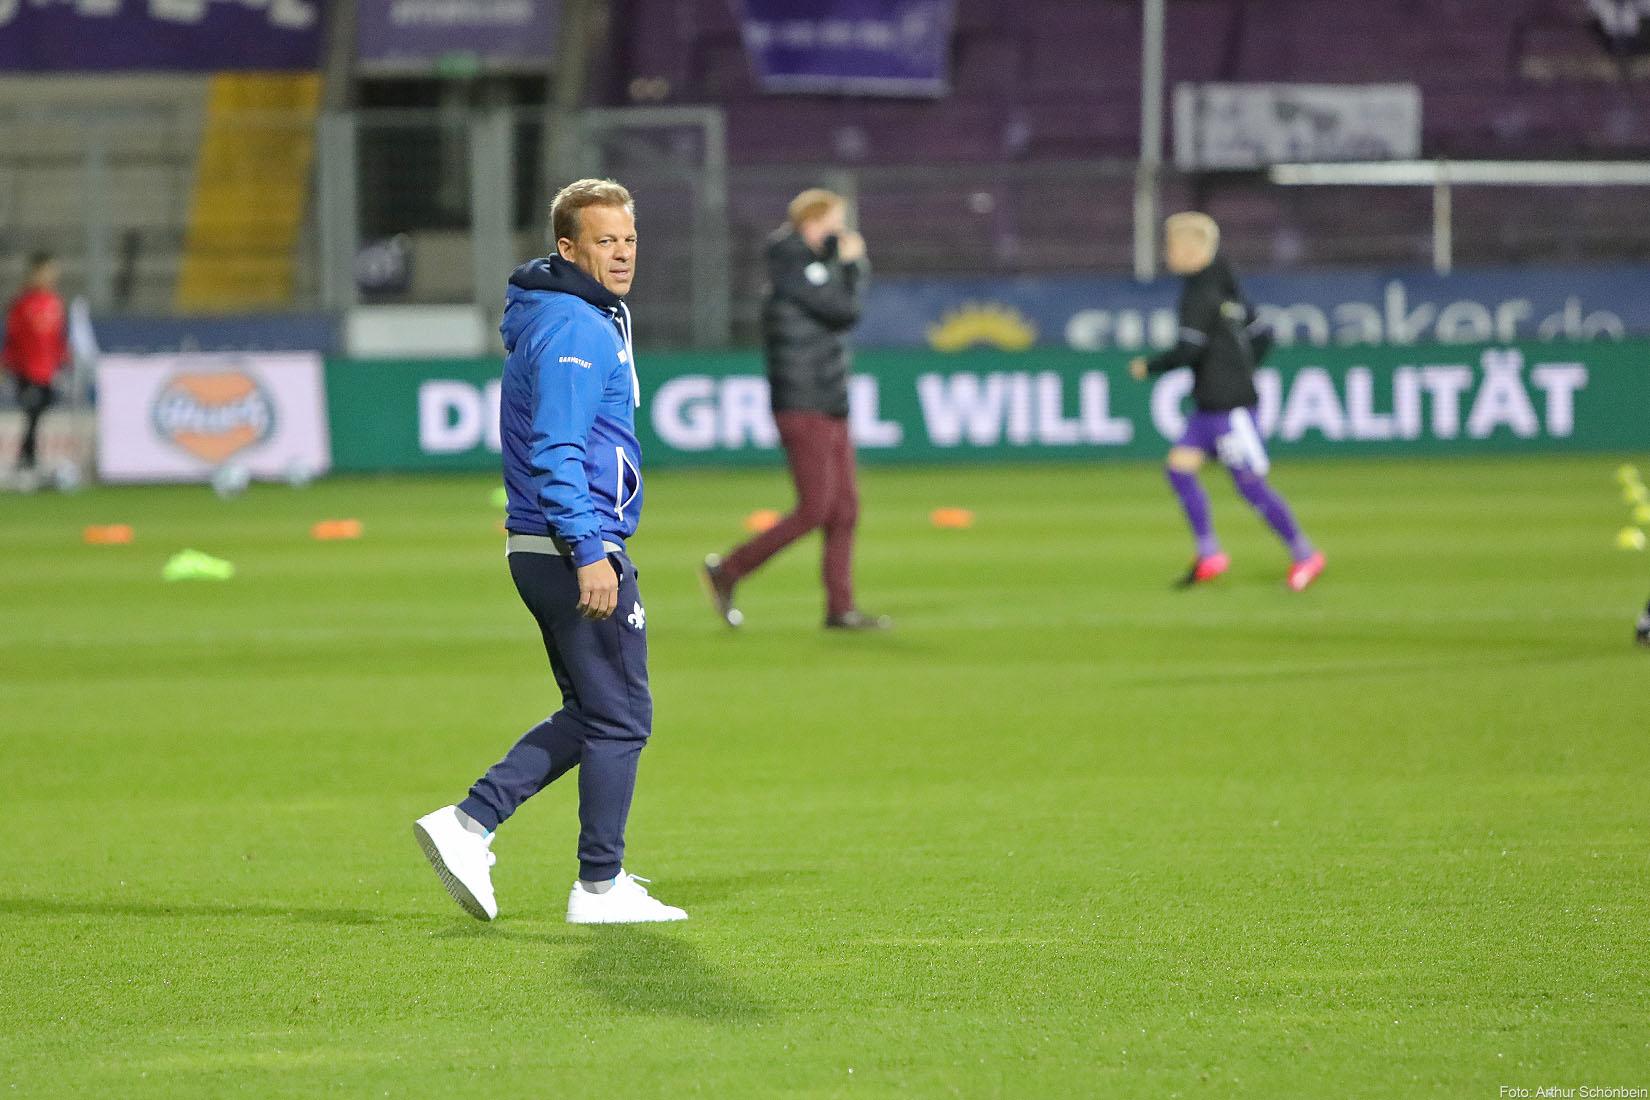 Anfang: Kein richtungsweisendes Spiel für Darmstadt 98